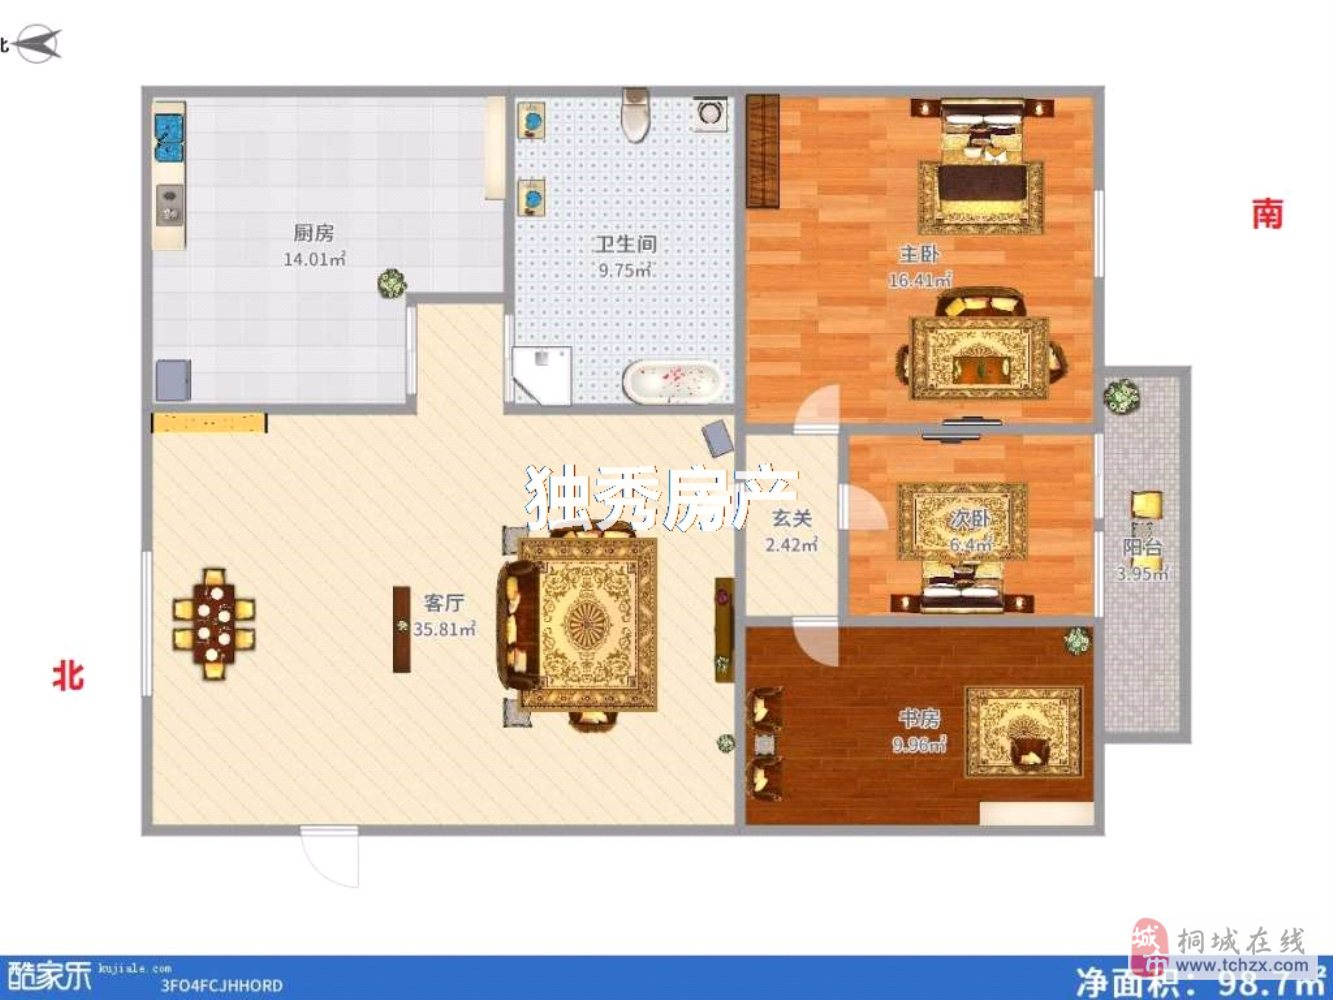 食河高中附近3室2厅1卫38万元